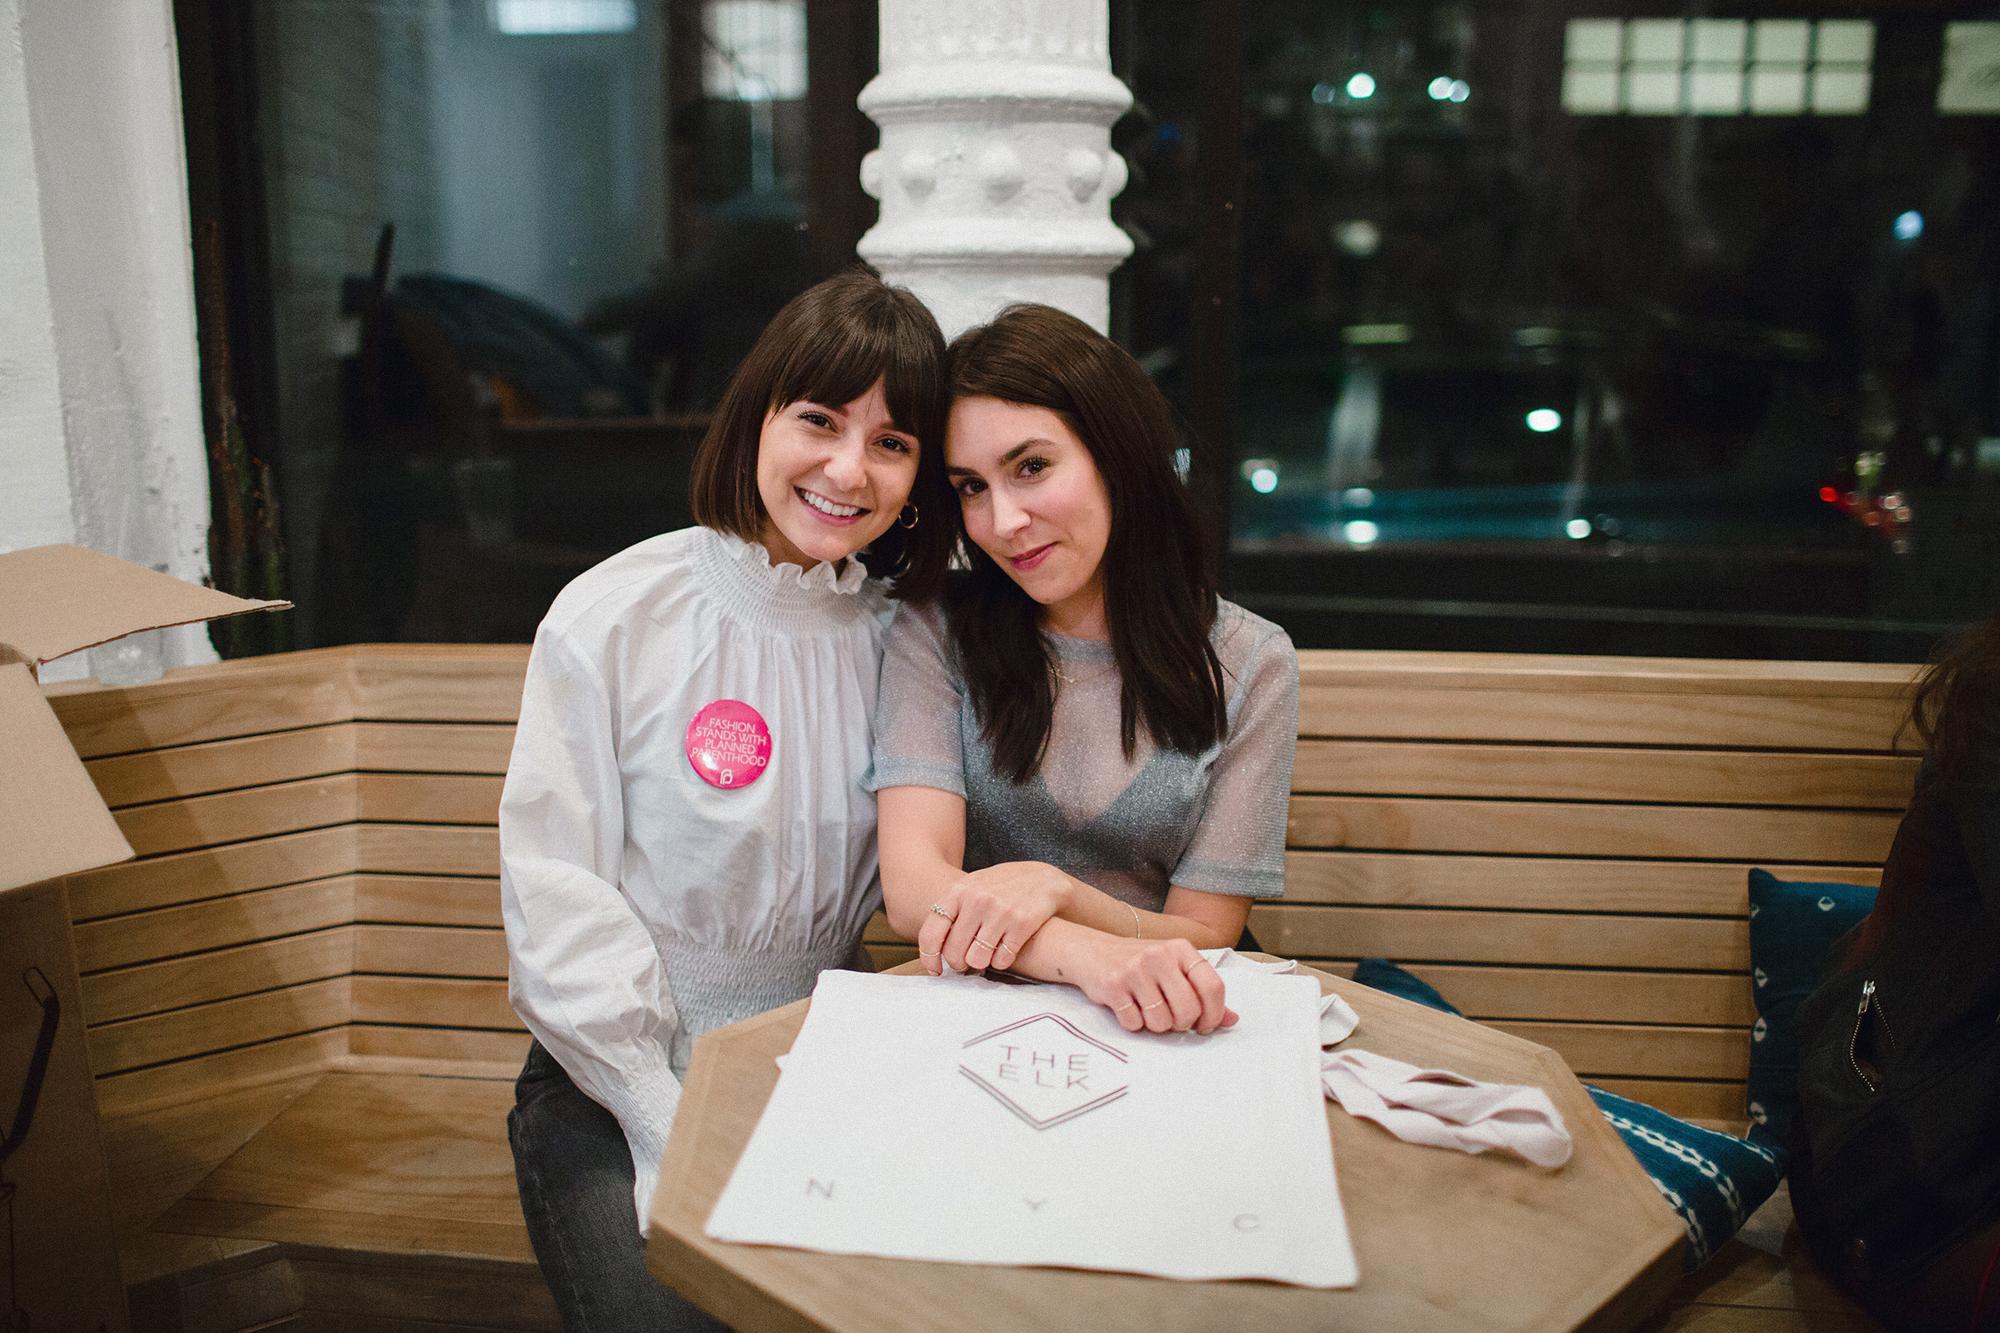 Lauren Caruso and Alyssa Coscarelli